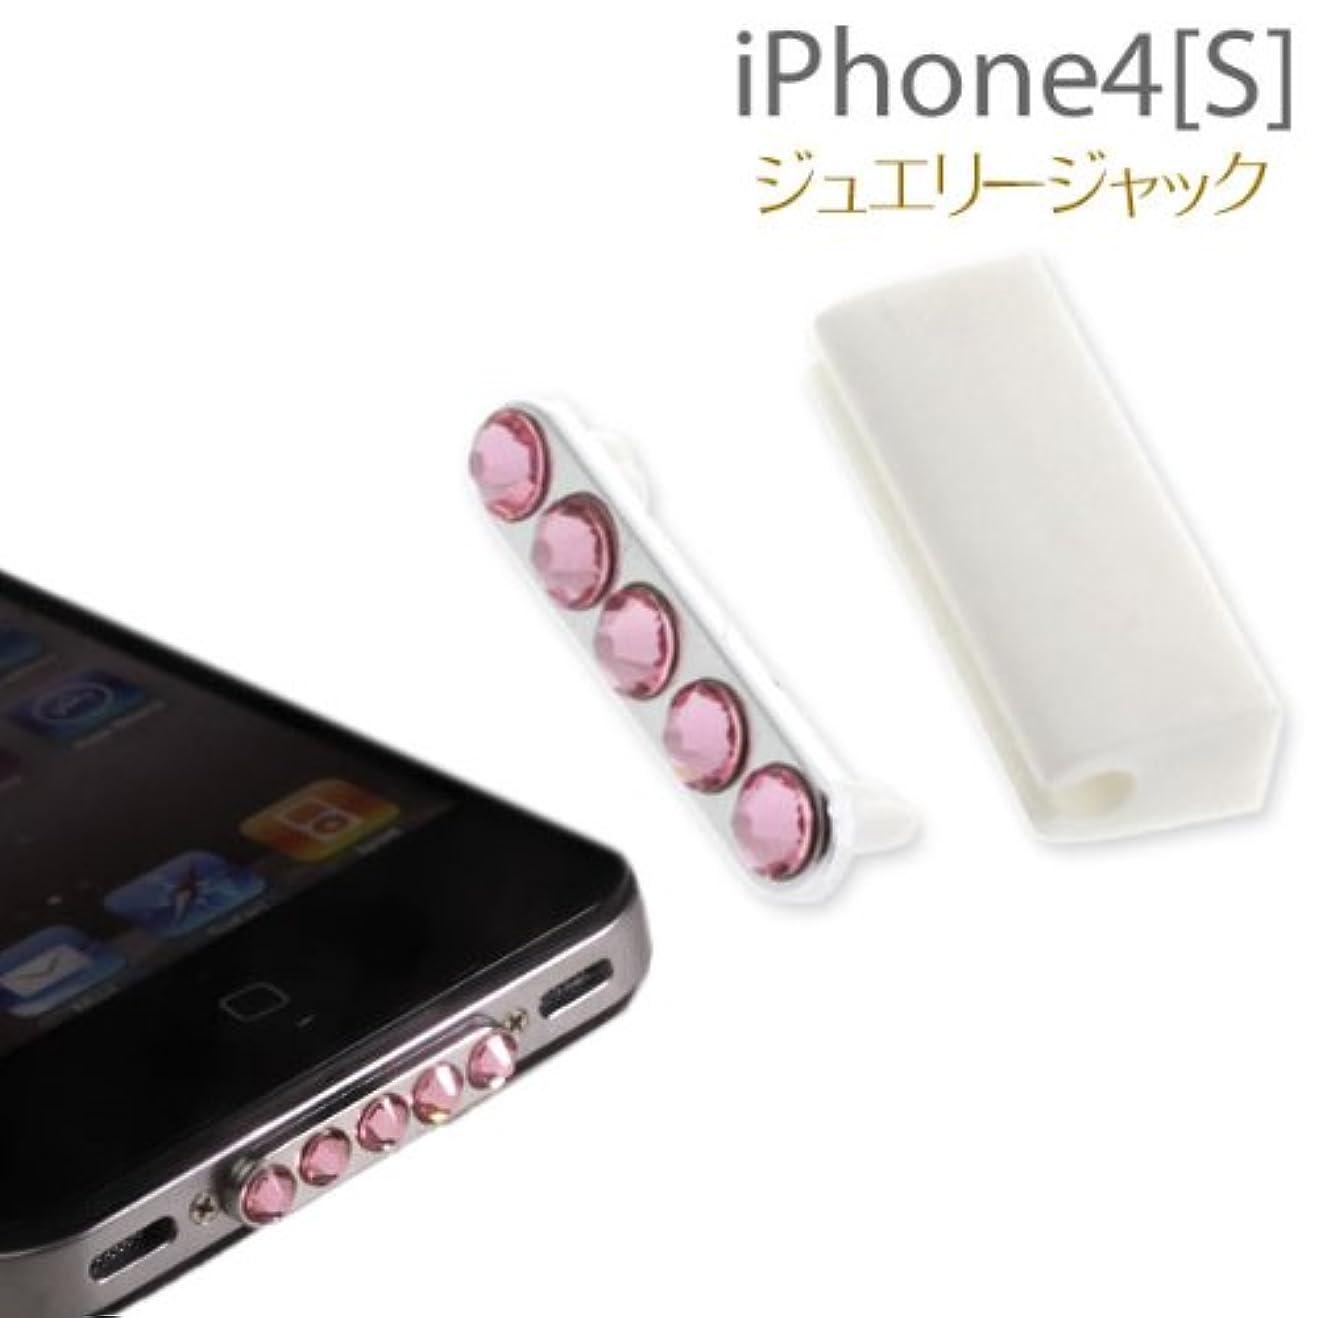 ポスターペレグリネーションより良い【iDress】iPhone4S/4ドックコネクタ用ジュエリージャック2nd☆アイフォンアクセ通販☆【メール便可】【ピンクサファイア】